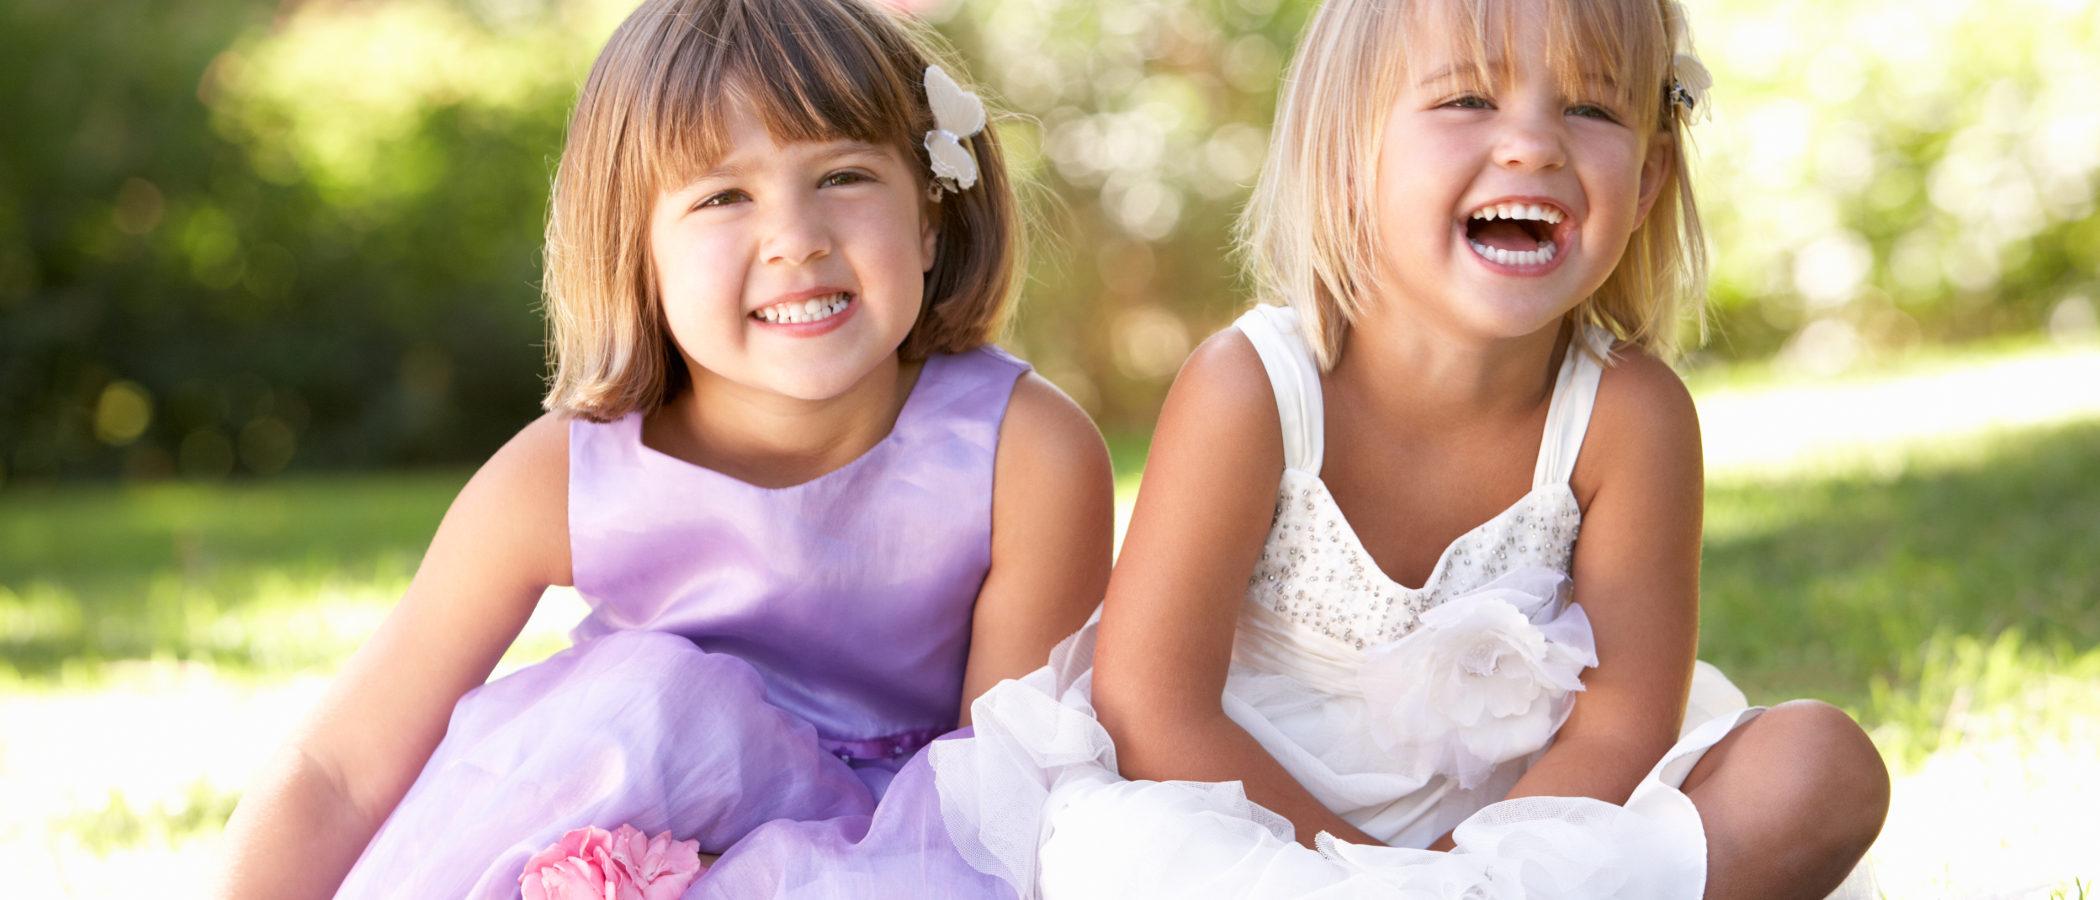 ¿Cómo vestir a una niña para una boda?